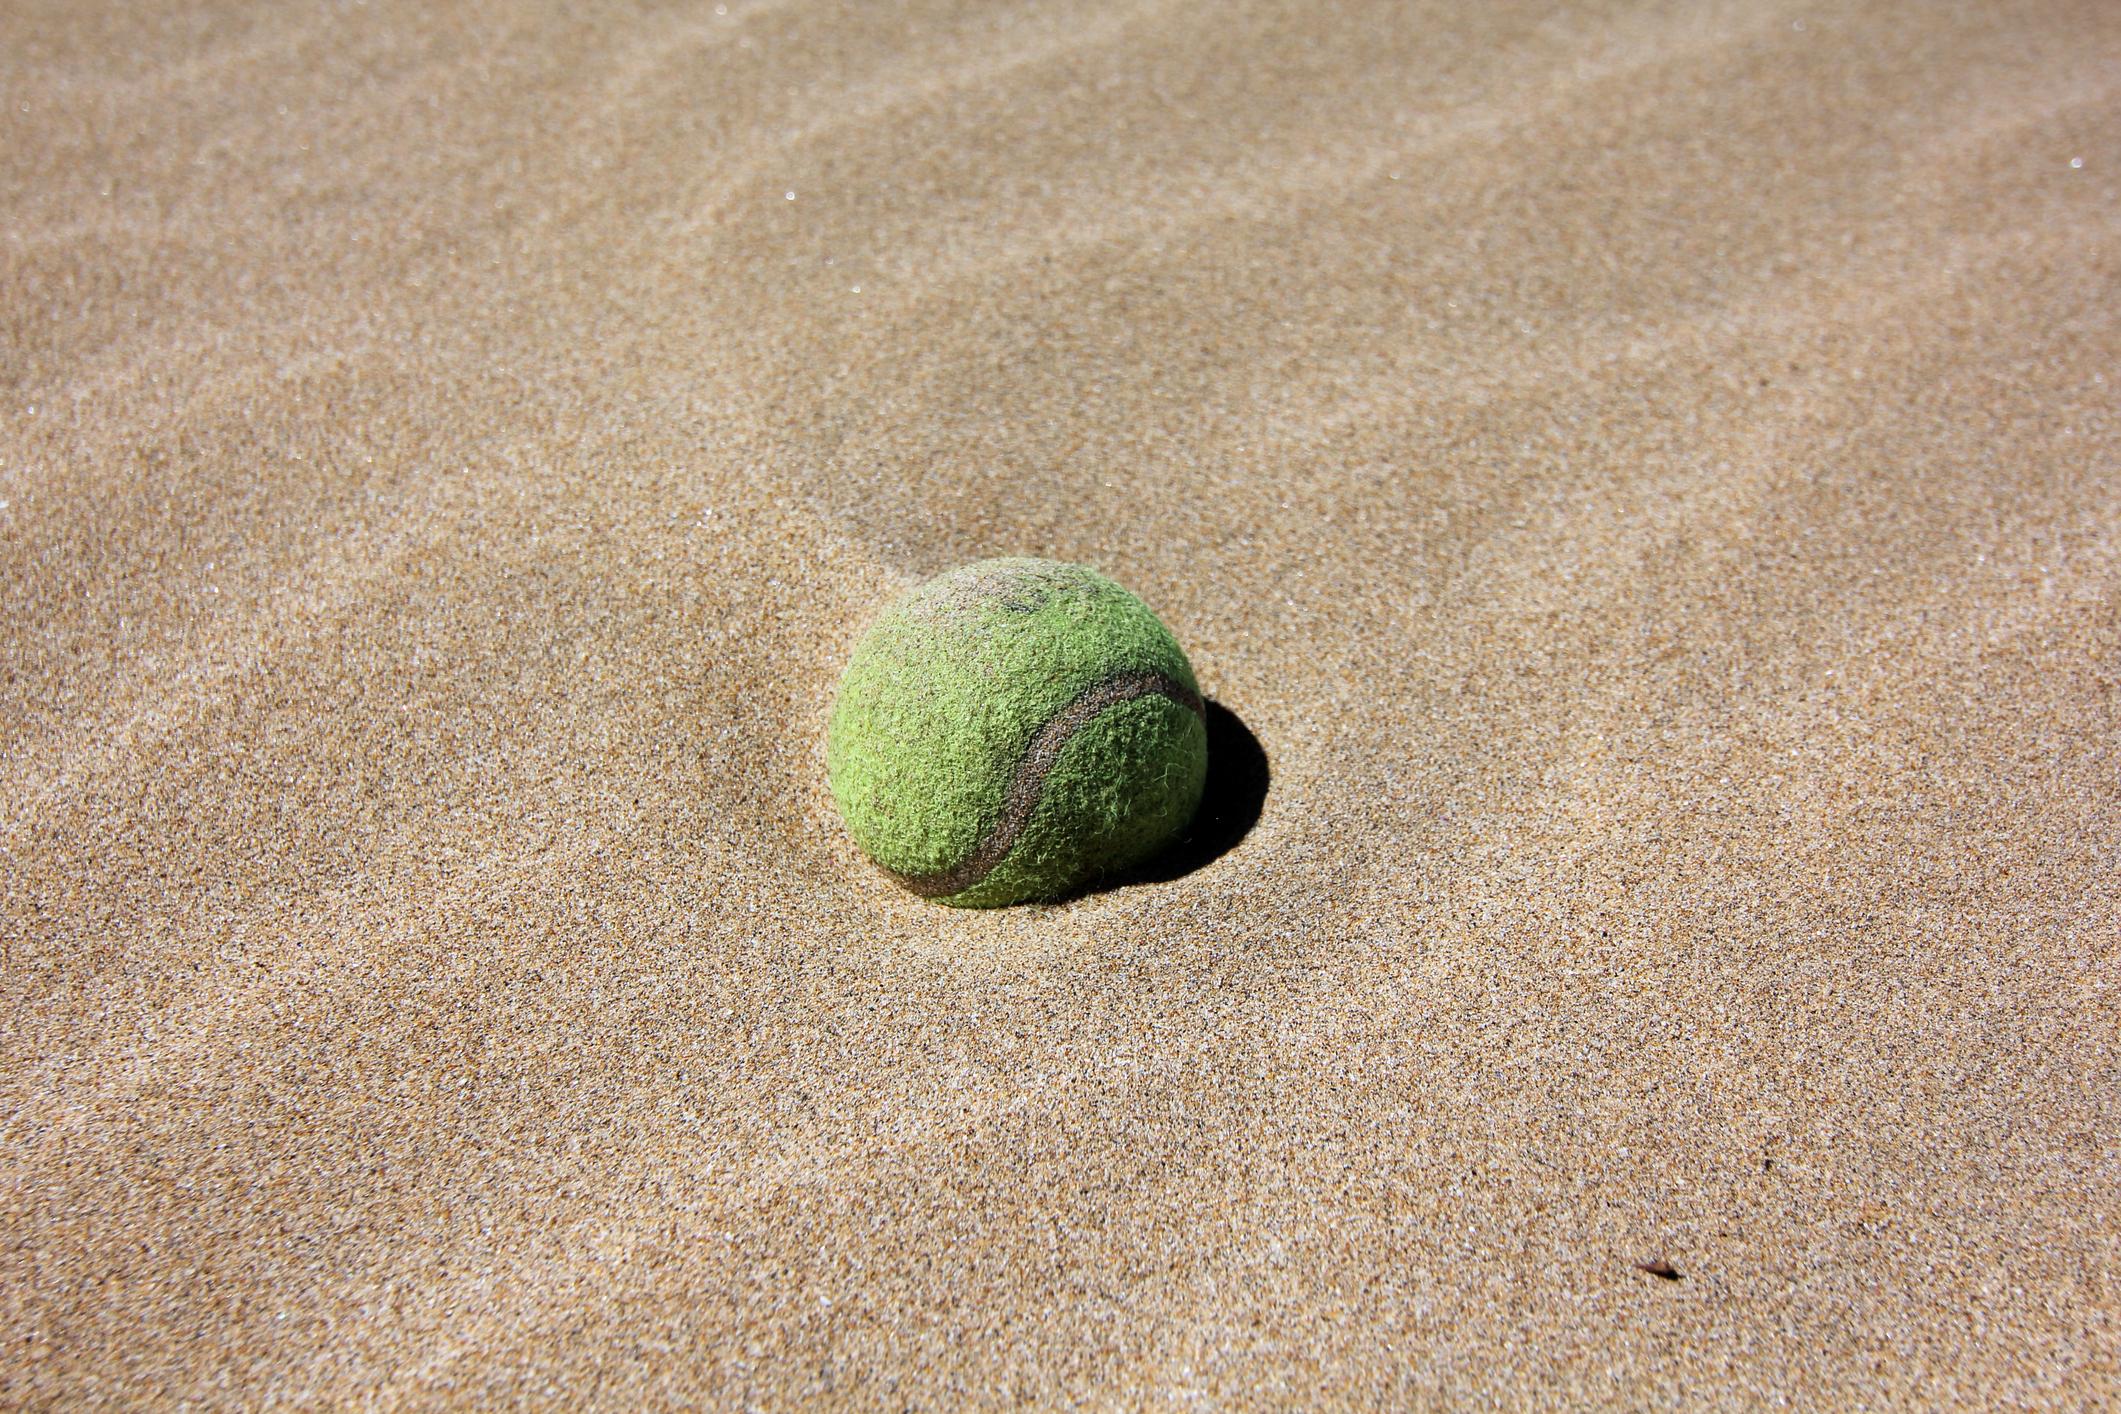 Тенис топката е съвсем логична вещ на плажа, в която никой не би се досетил, че са всичките ви пари за деня.